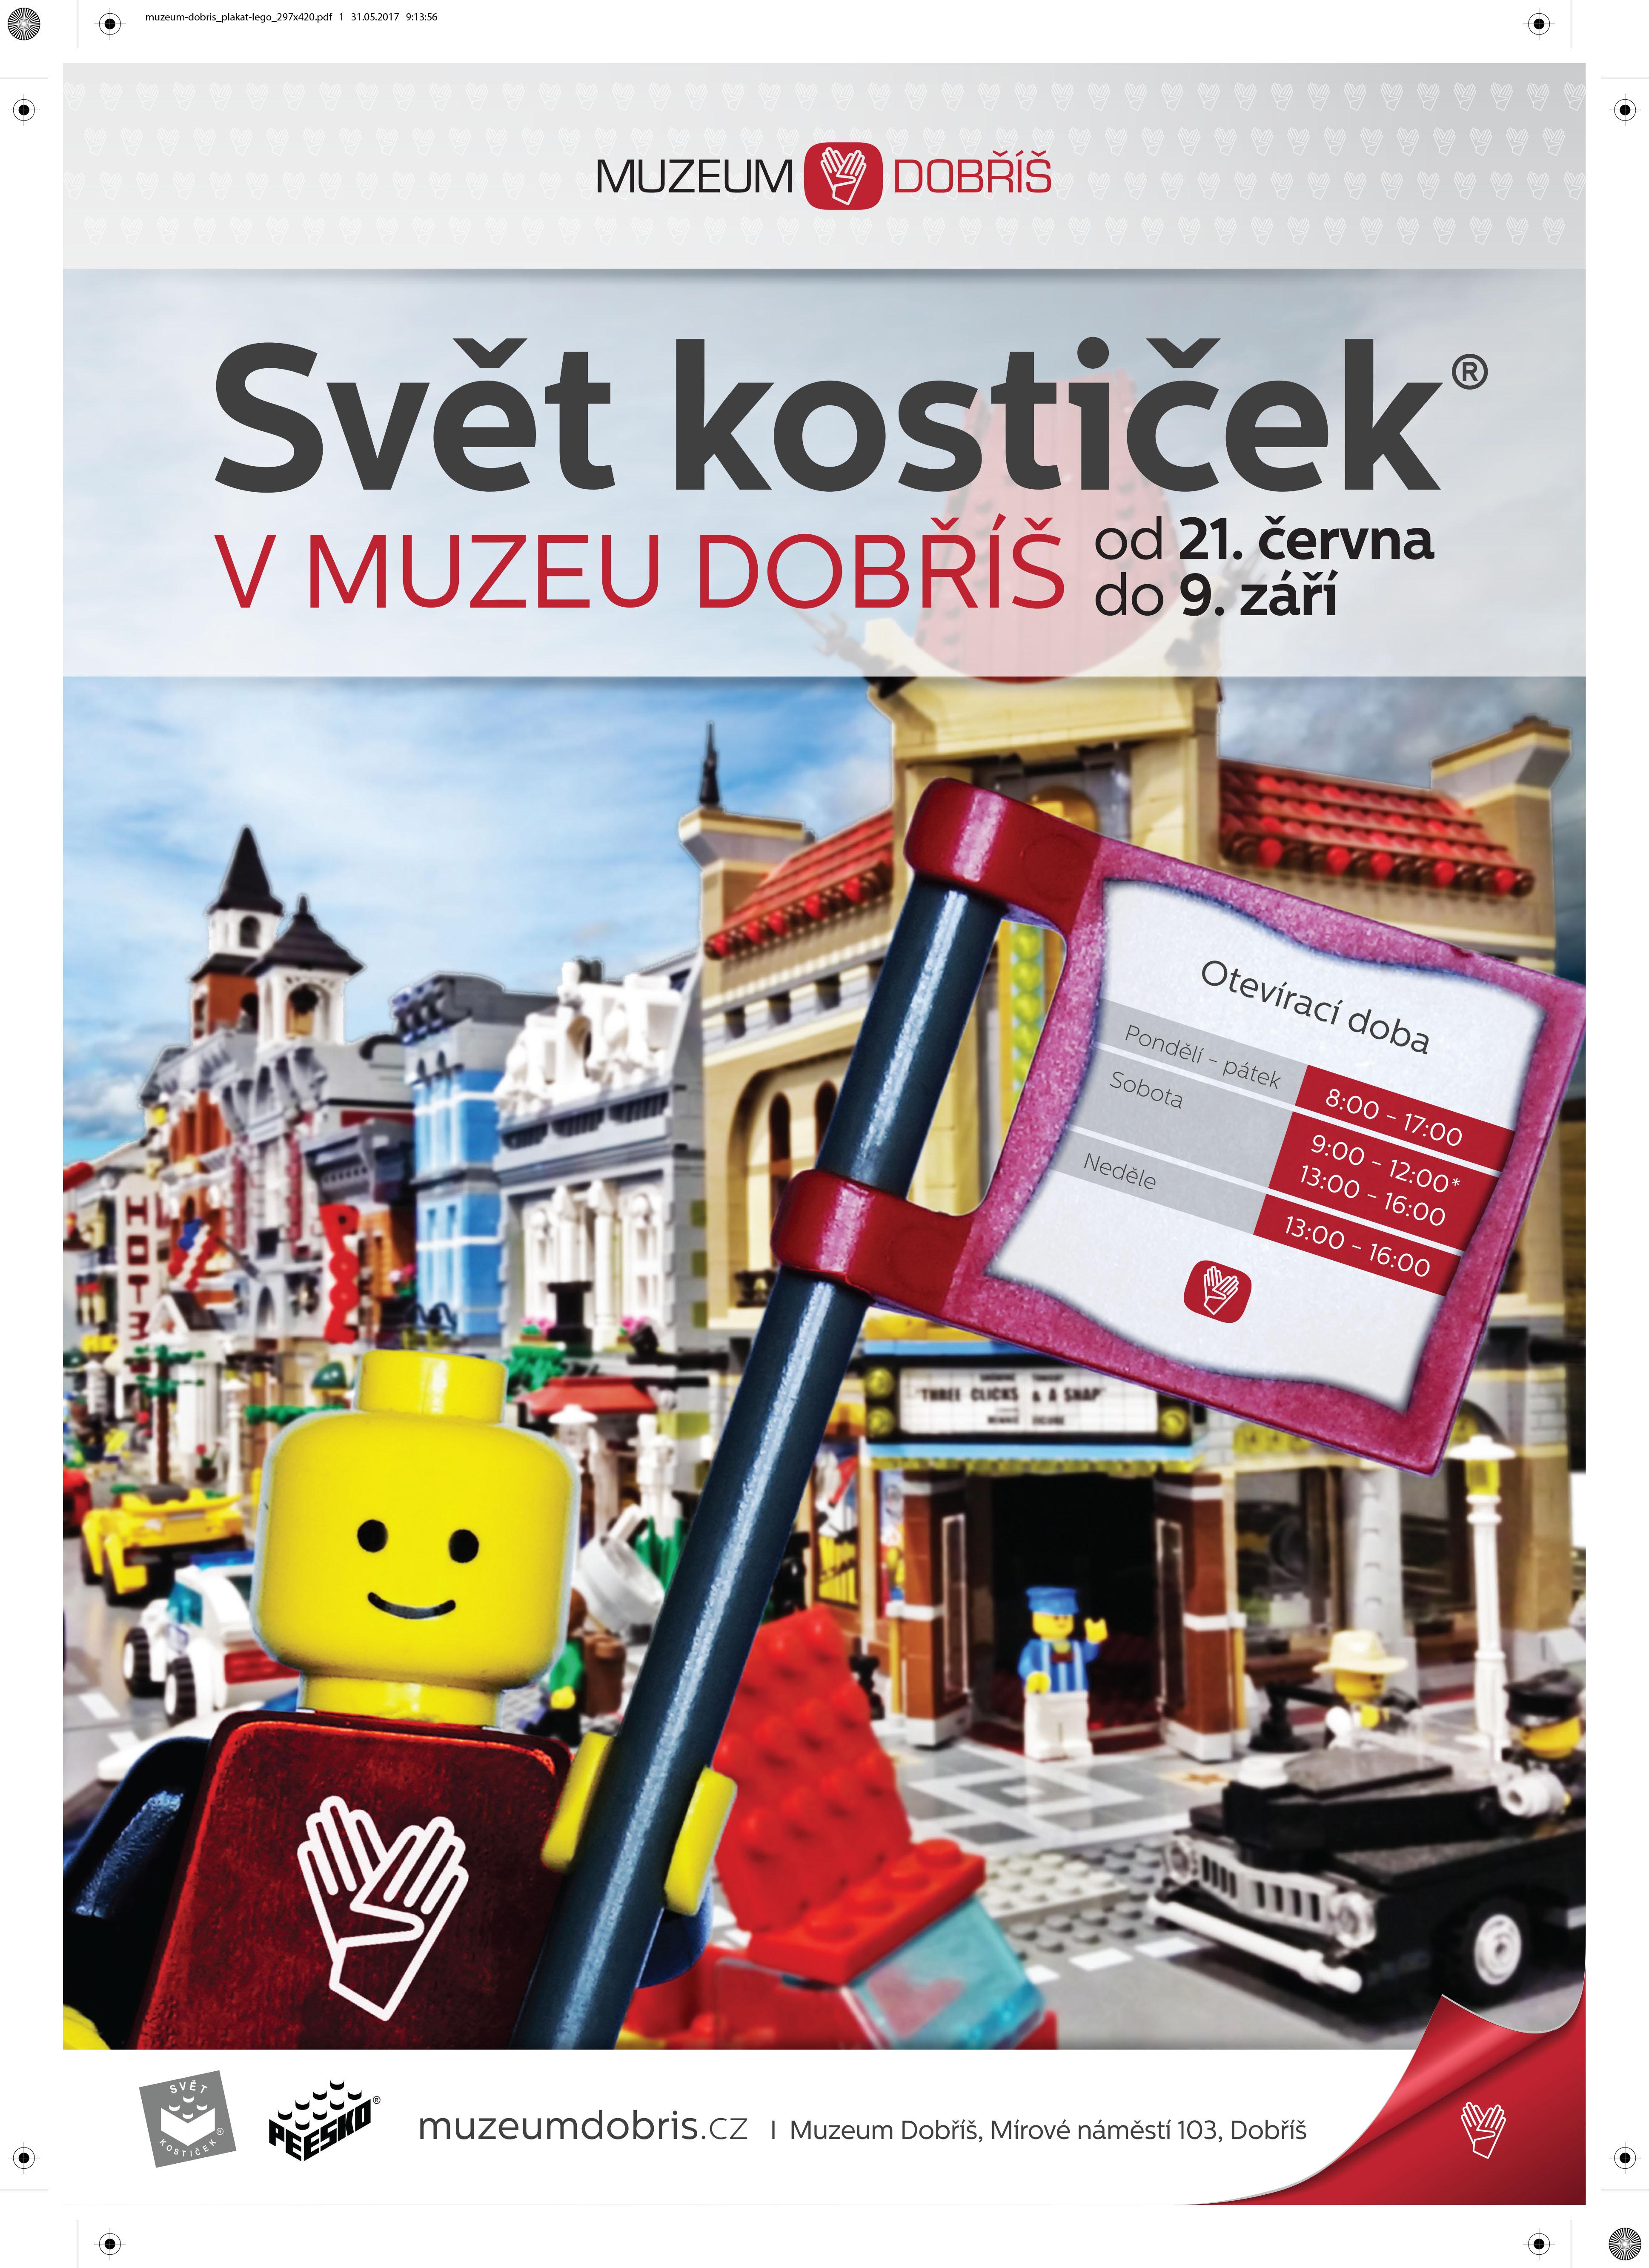 Lego výstava v Muzeu Dobříš I plakát: Muzeum Dobříš